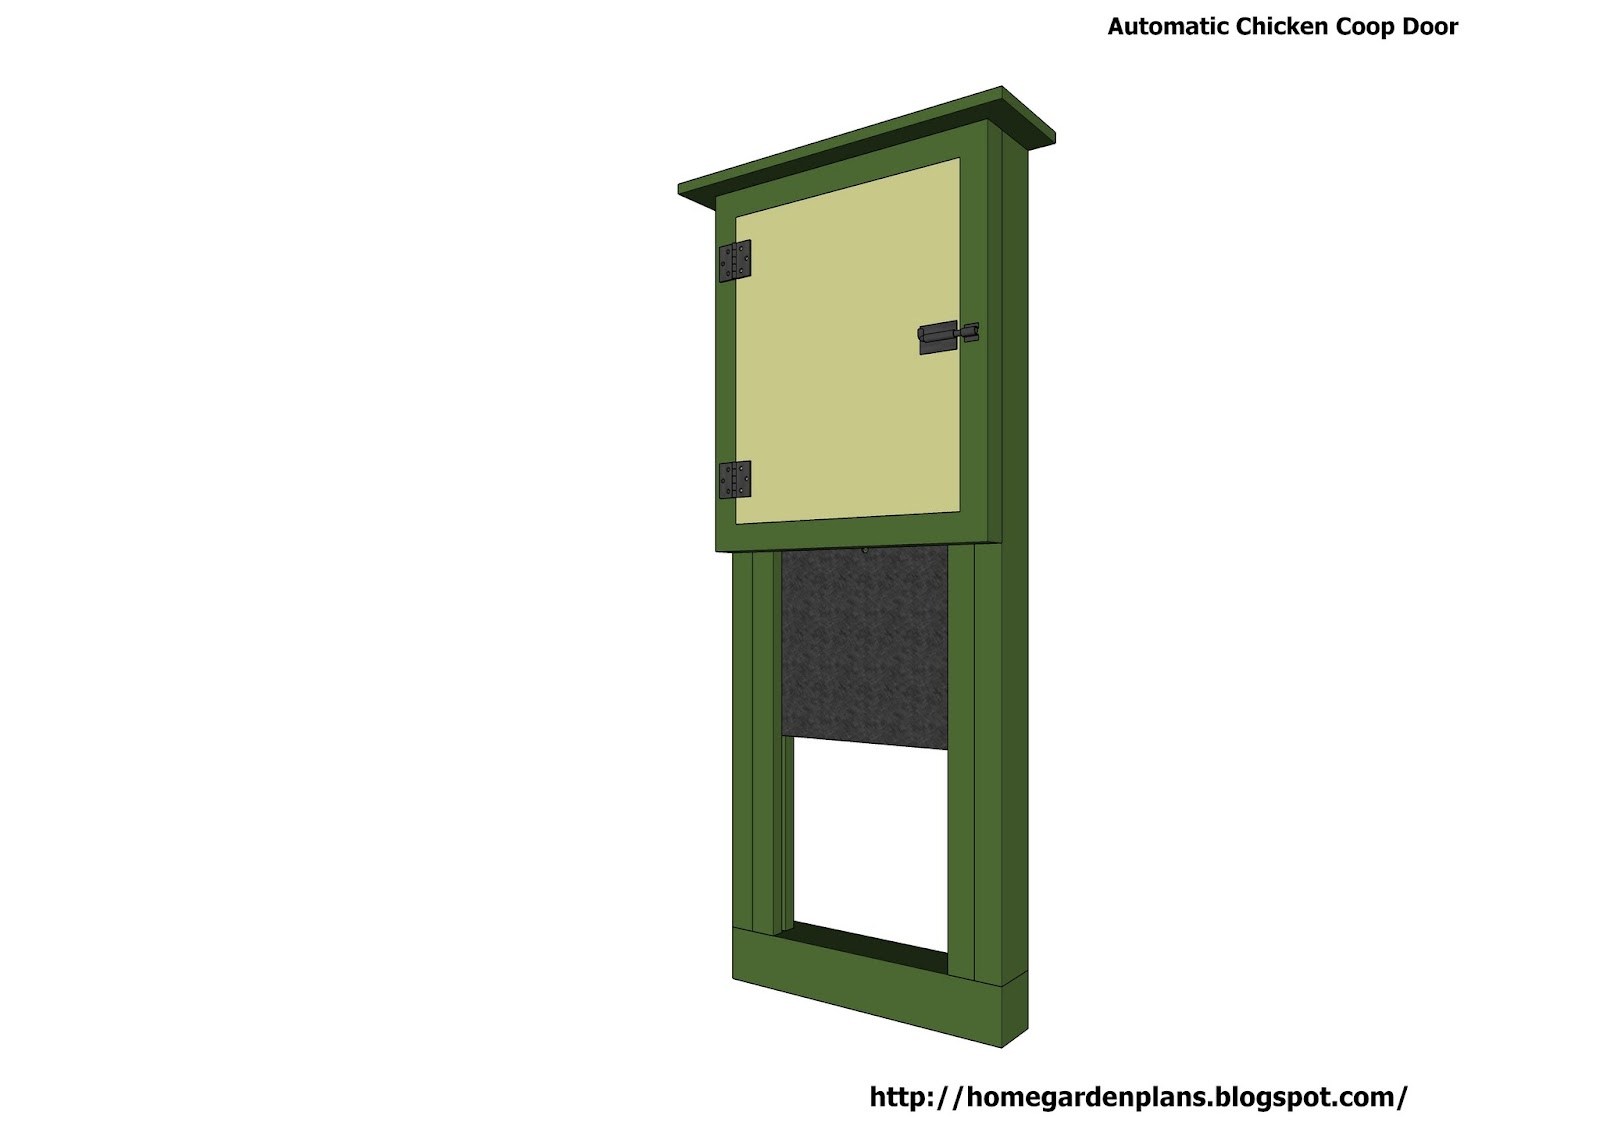 home garden plans: Automatic Chicken Coop Door